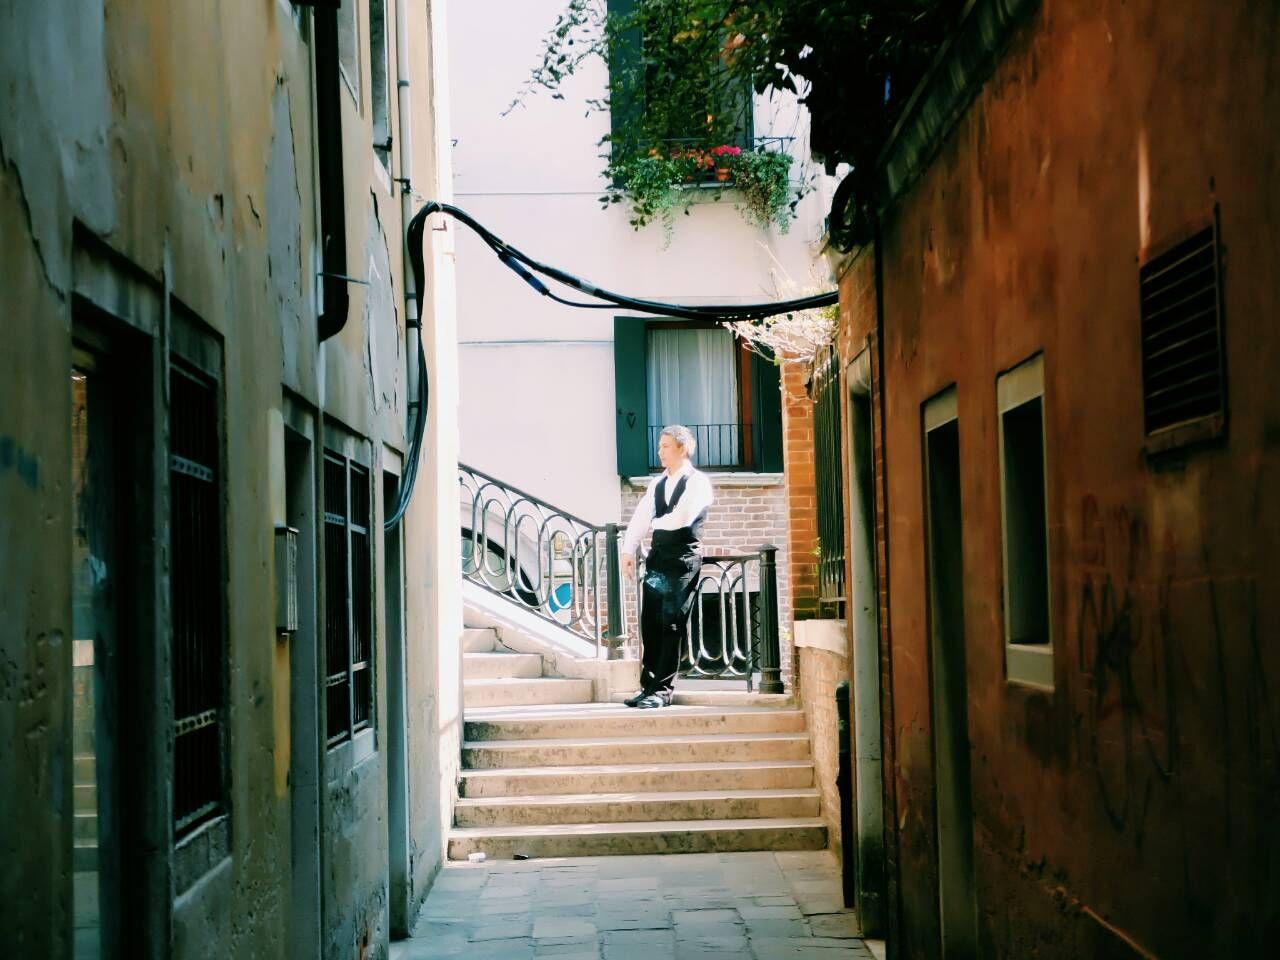 路地裏にこそ素顔のヴェネツィアが潜んでいる